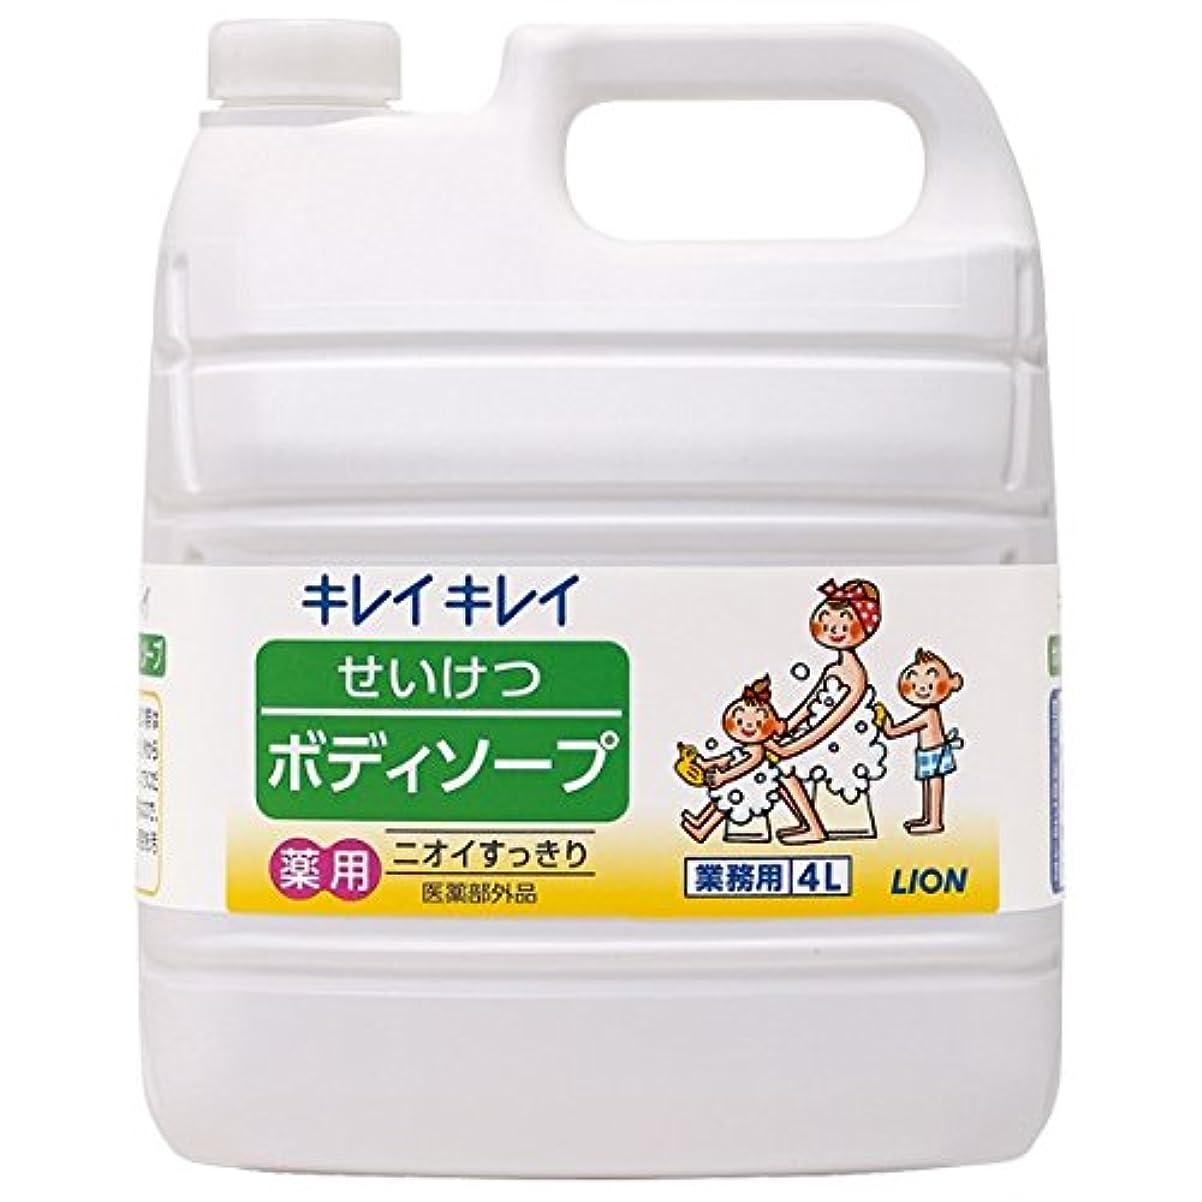 厳密に陸軍決定的ライオン キレイキレイ せいけつボディソープ さわやかなレモン&オレンジの香り 業務用 4L×3本